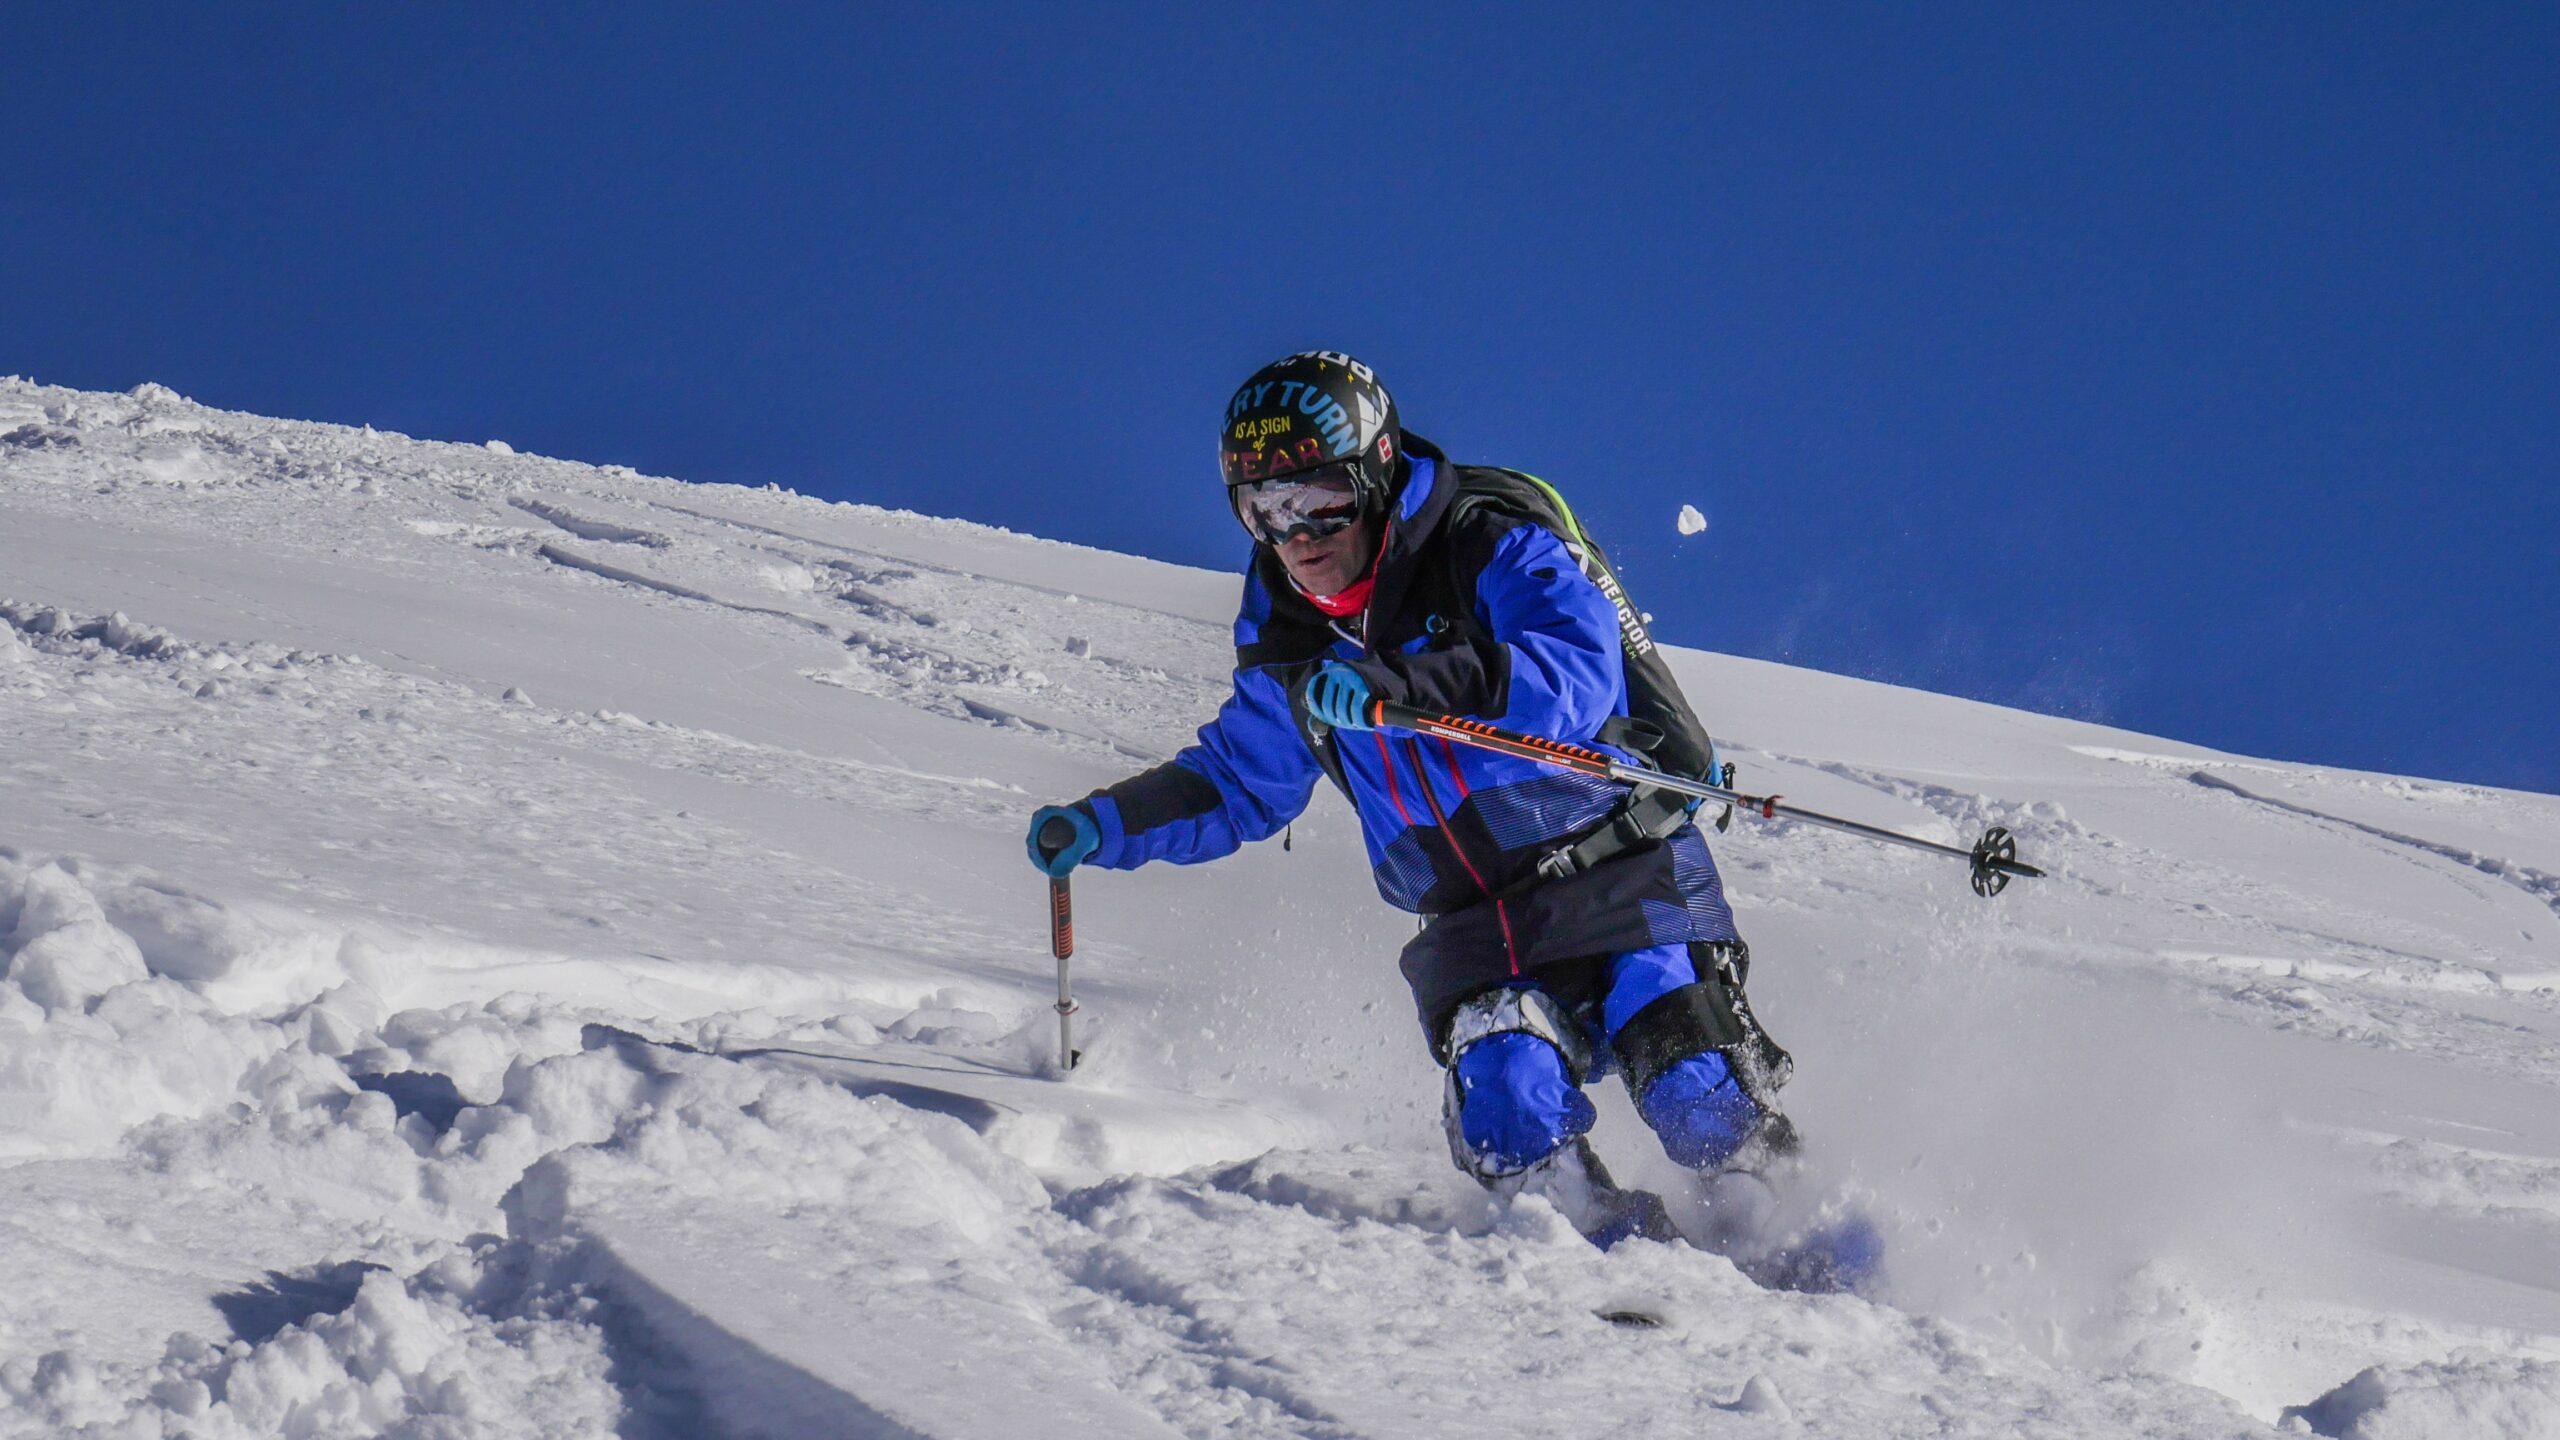 Crise sanitaire | Un hiver rude pour les start-up liées au ski et à la montagne